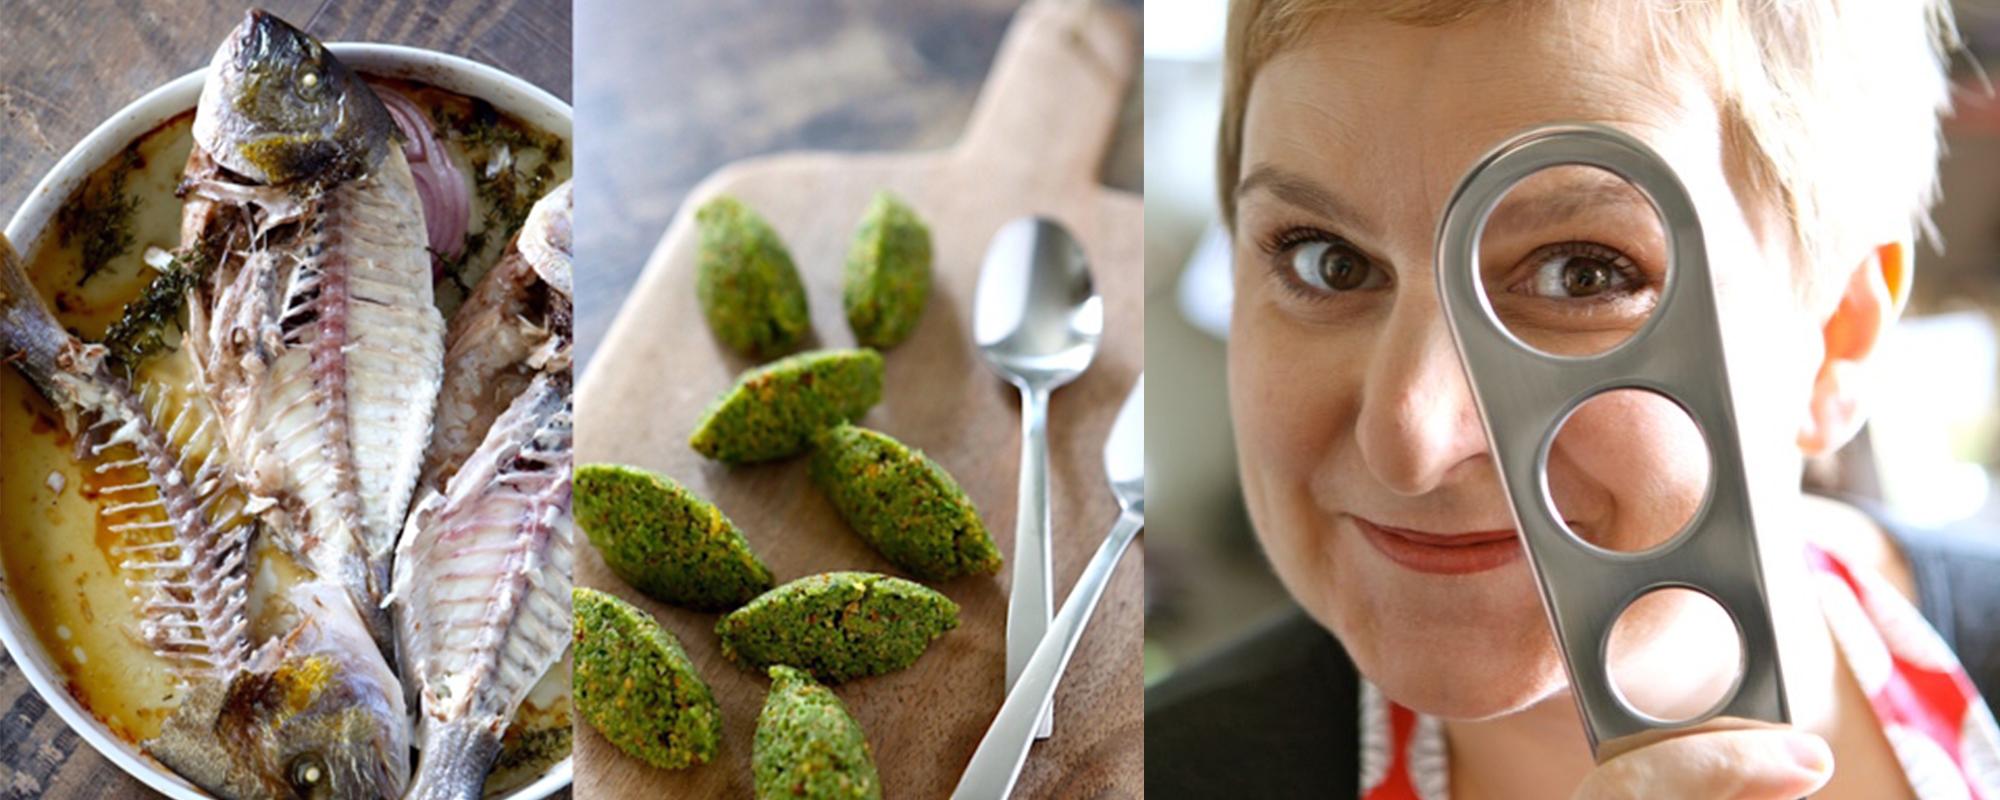 La fée de l'anti-gaspi s'invite dans vos cuisines